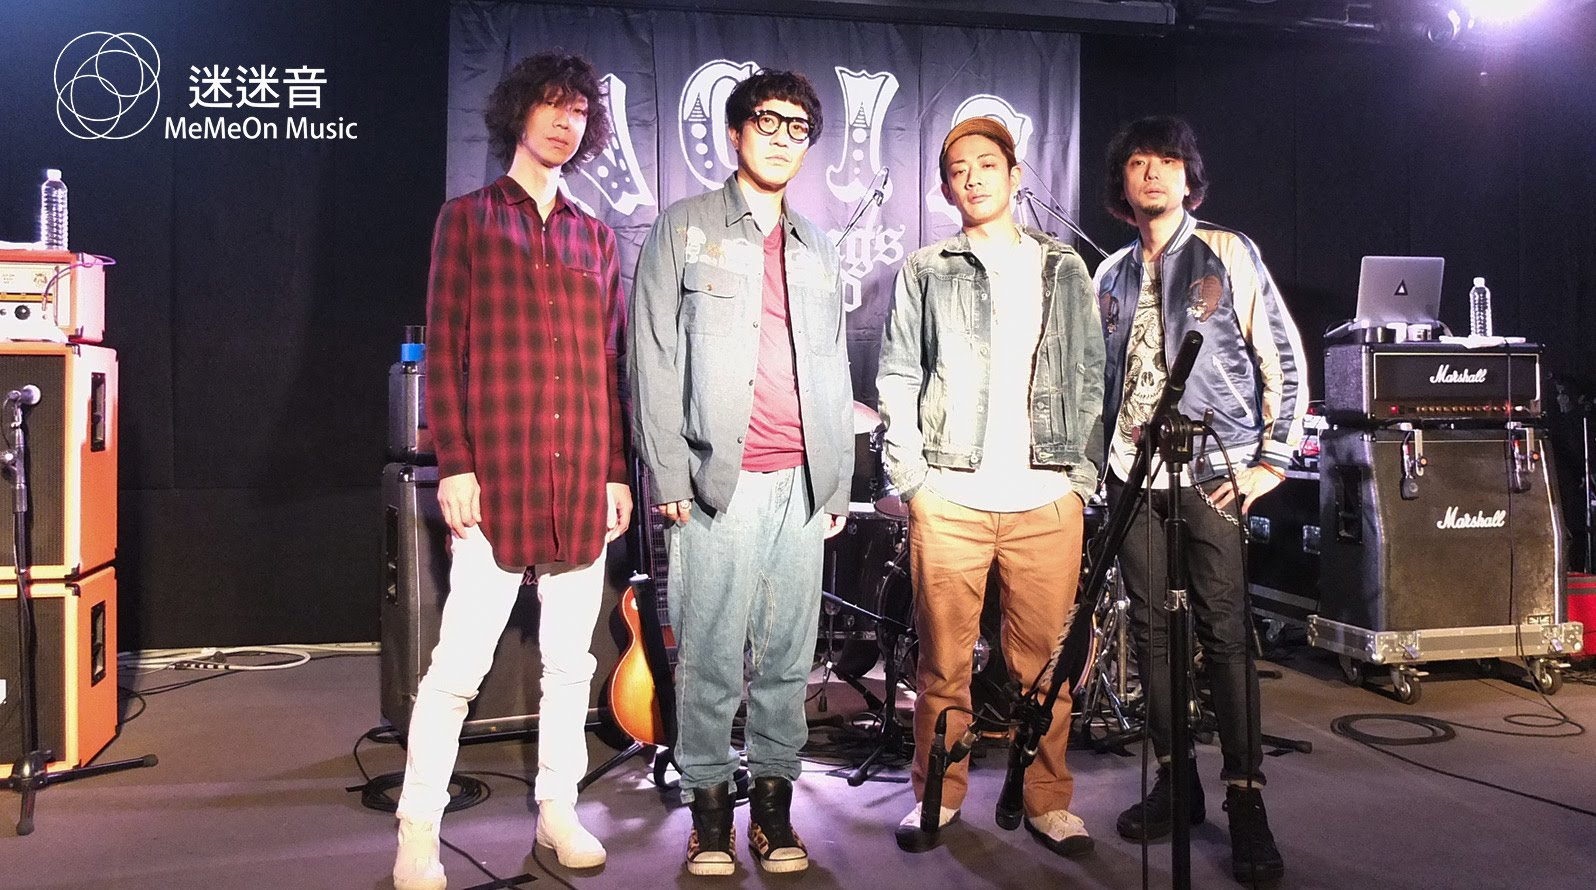 バンドやりたい人たちへ「オリジナルを追求して」って Nothing's Carved In Stoneインタビュー